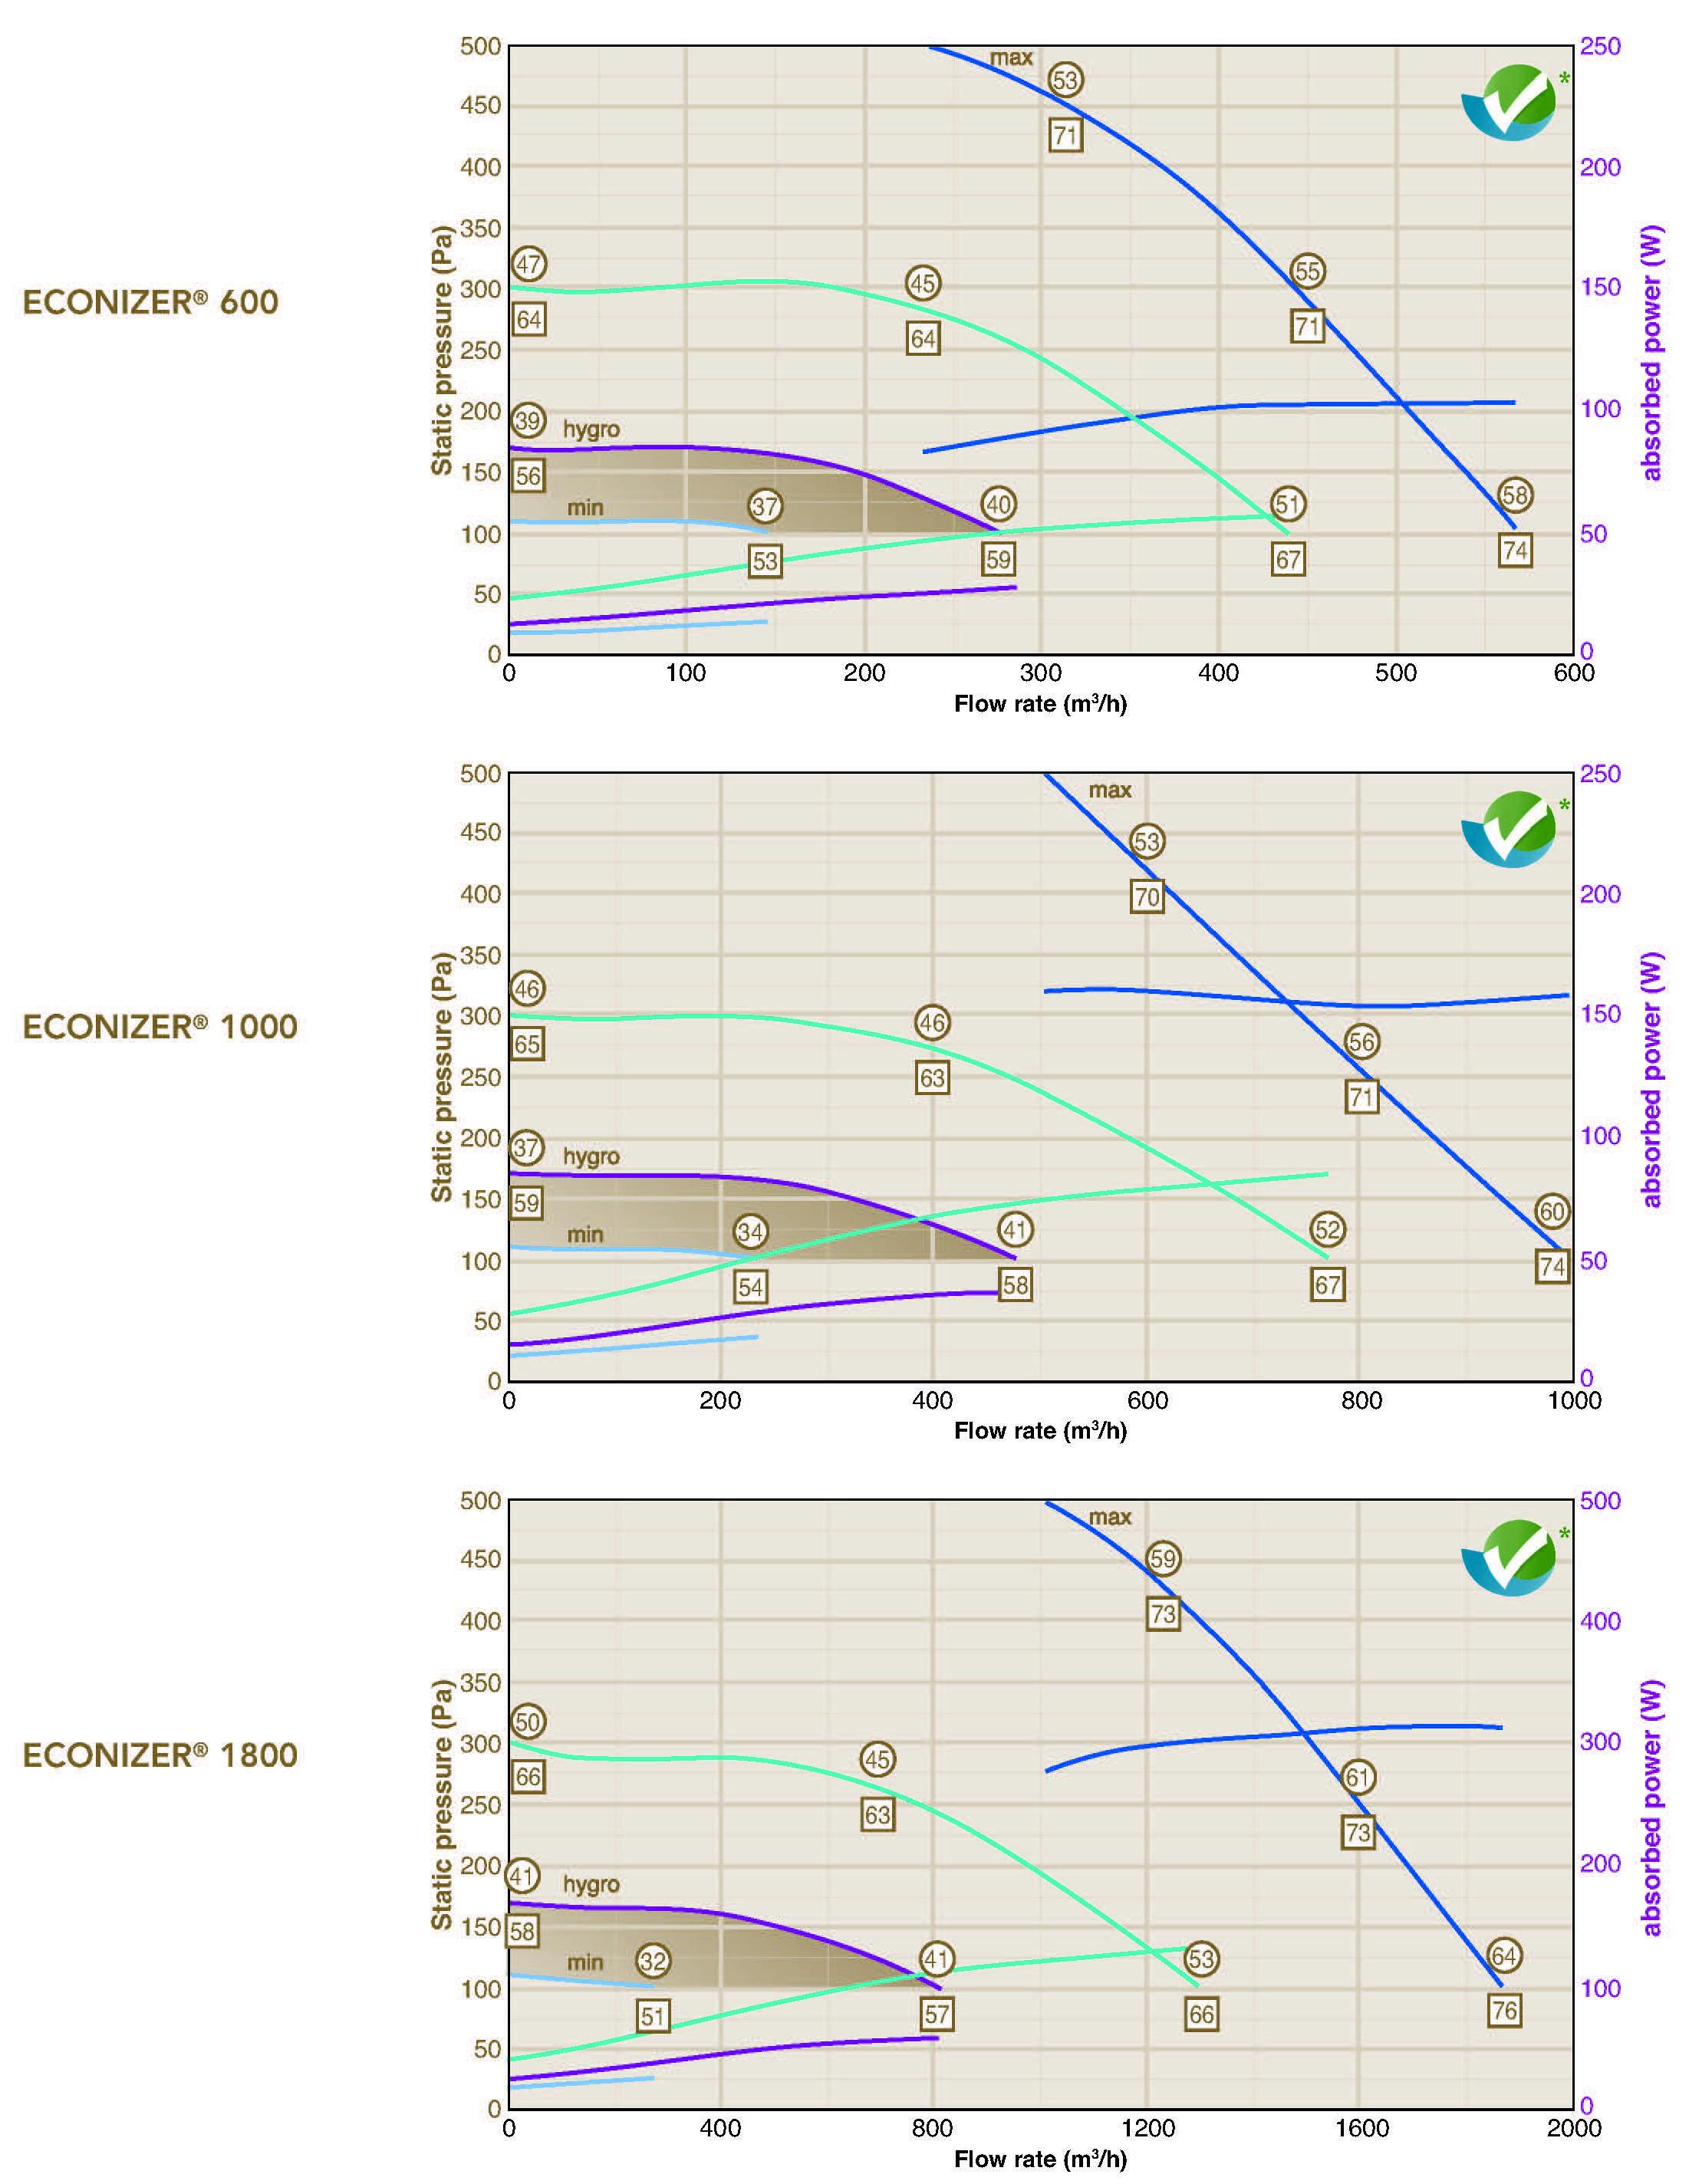 econizer flow rates